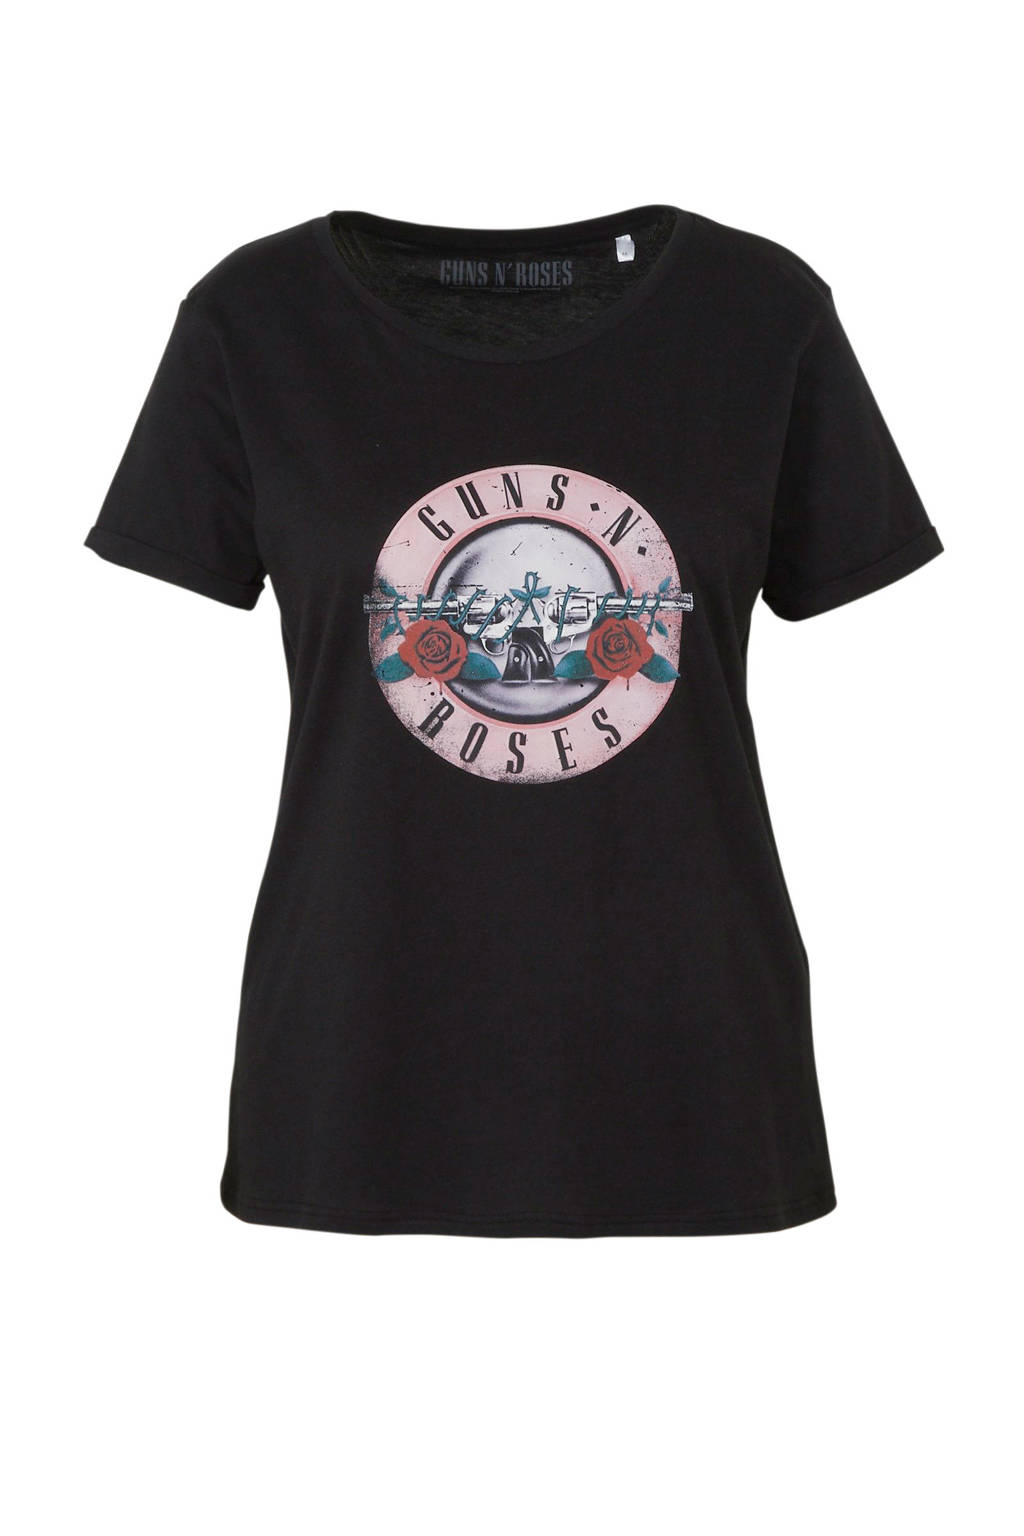 C&A XL Clockhouse T-shirt met printopdruk zwart, Zwart